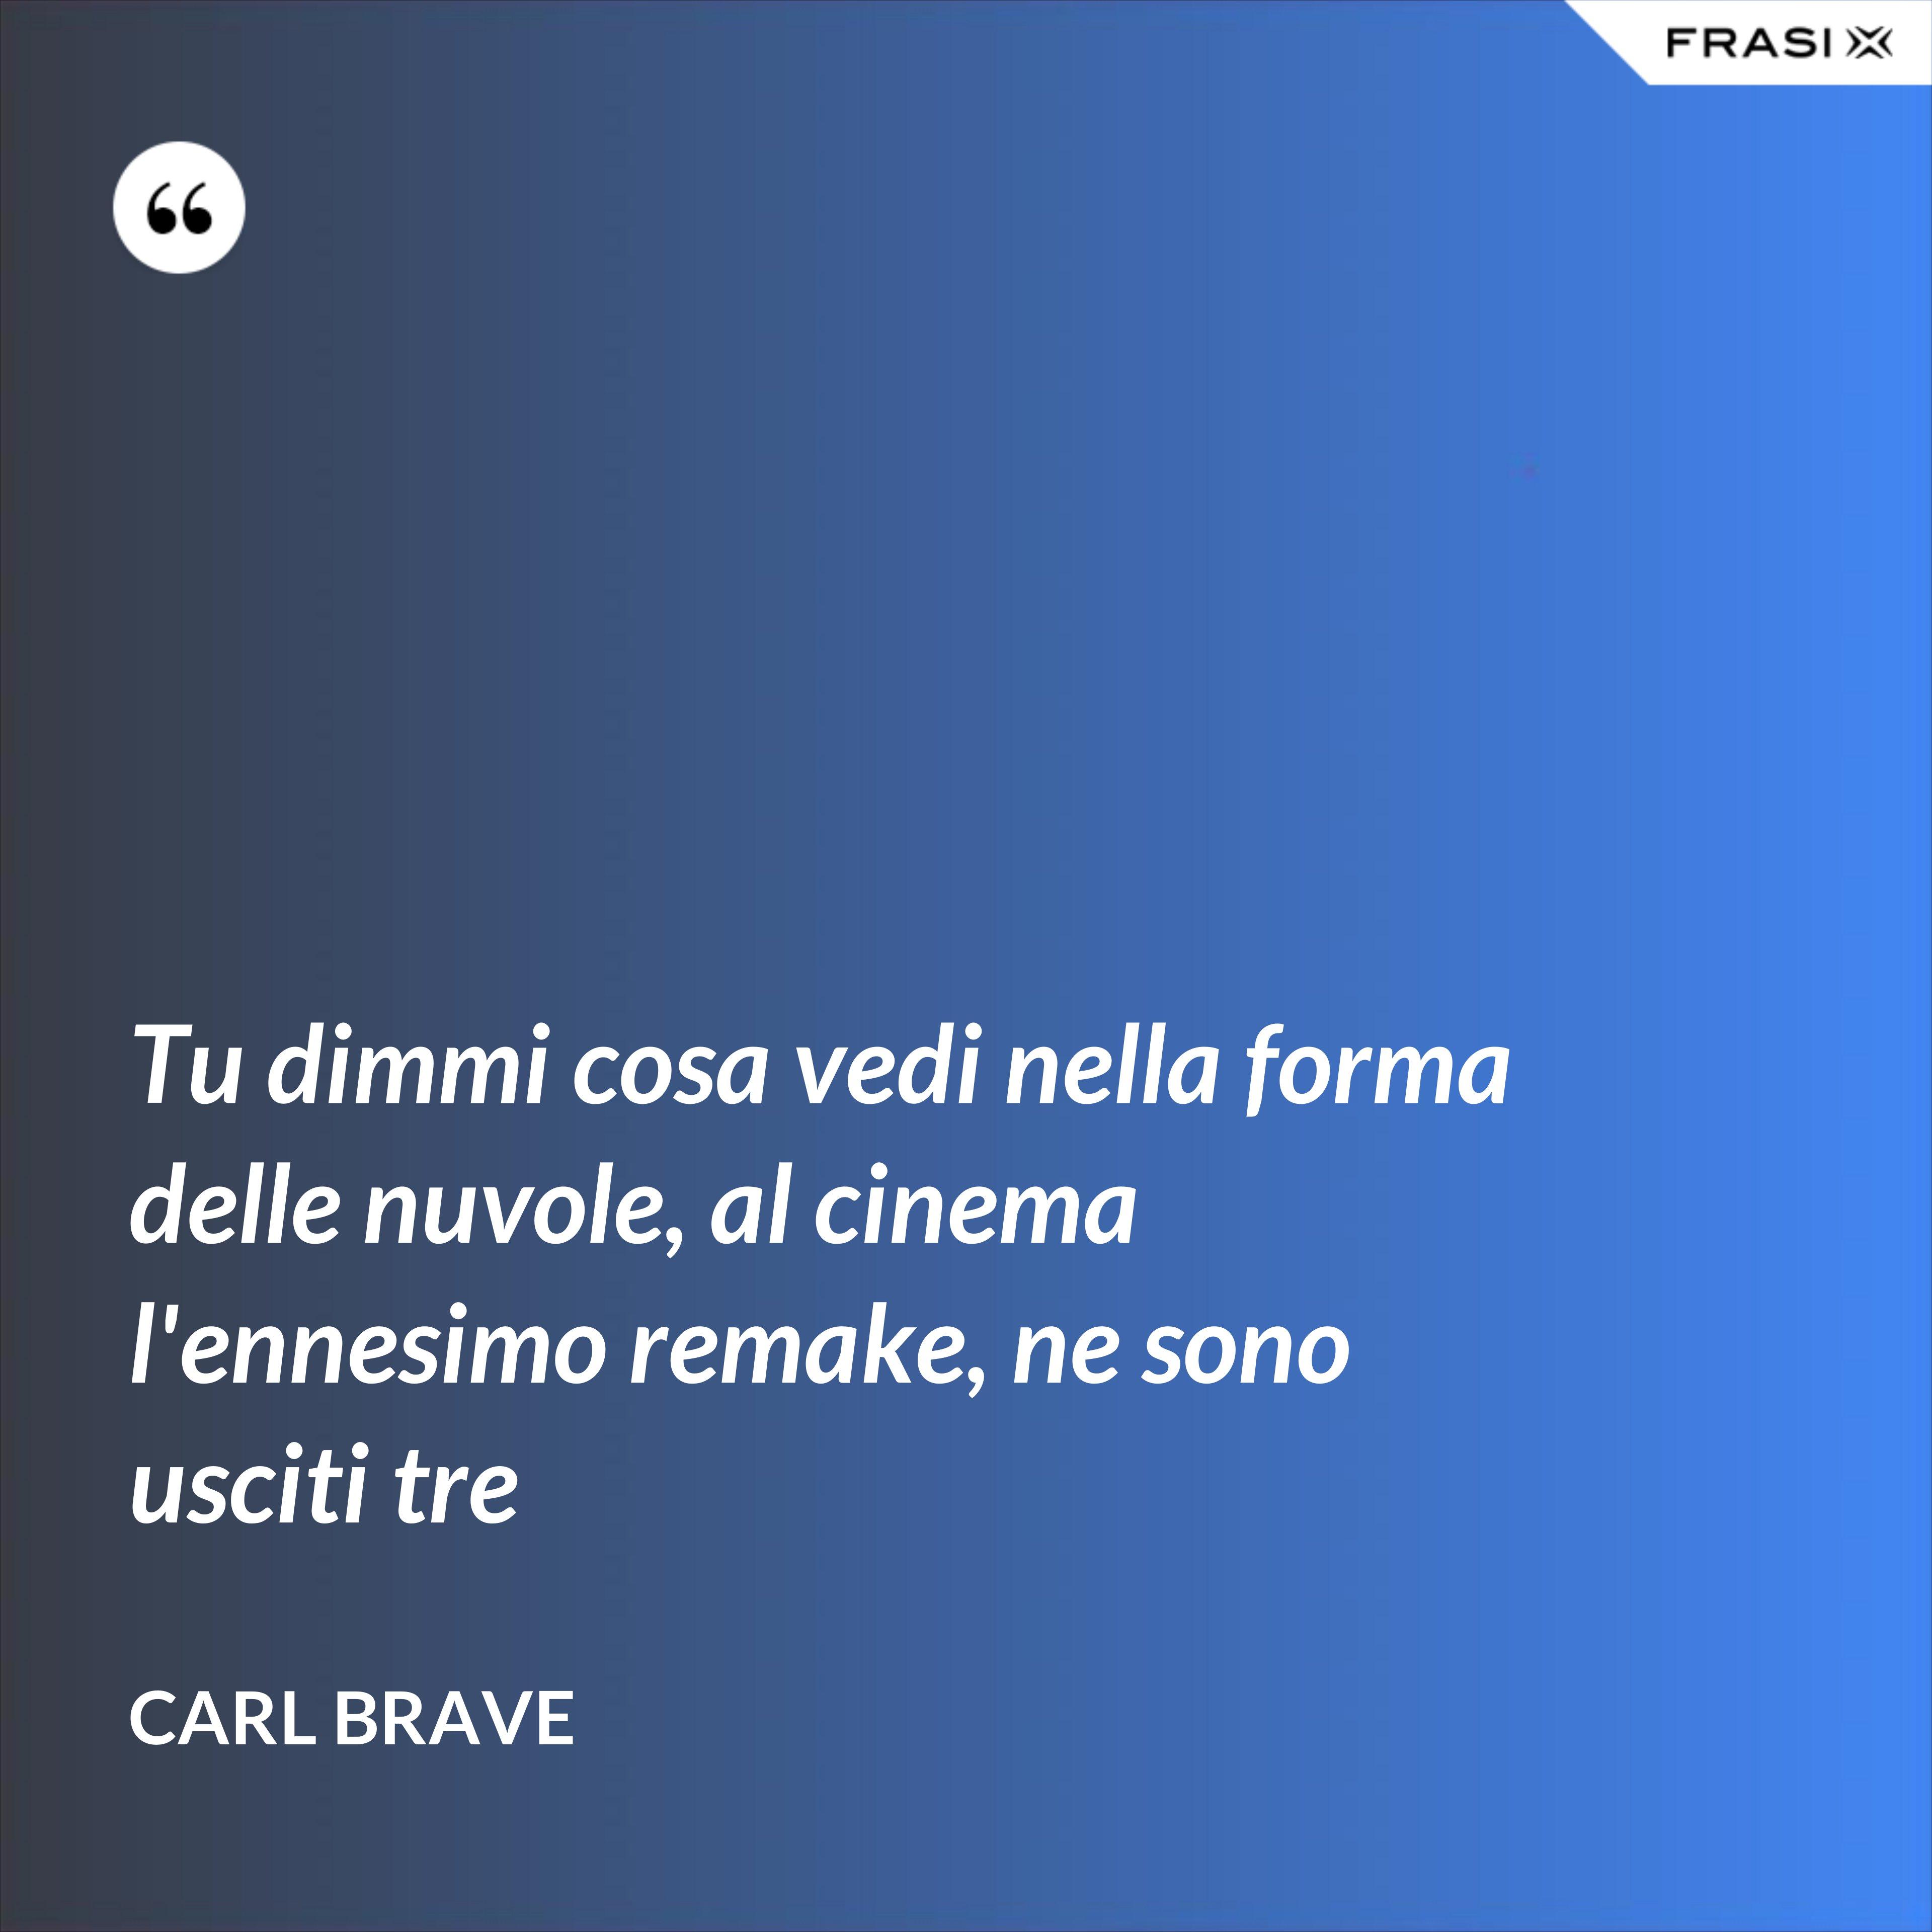 Tu dimmi cosa vedi nella forma delle nuvole, al cinema l'ennesimo remake, ne sono usciti tre - Carl Brave